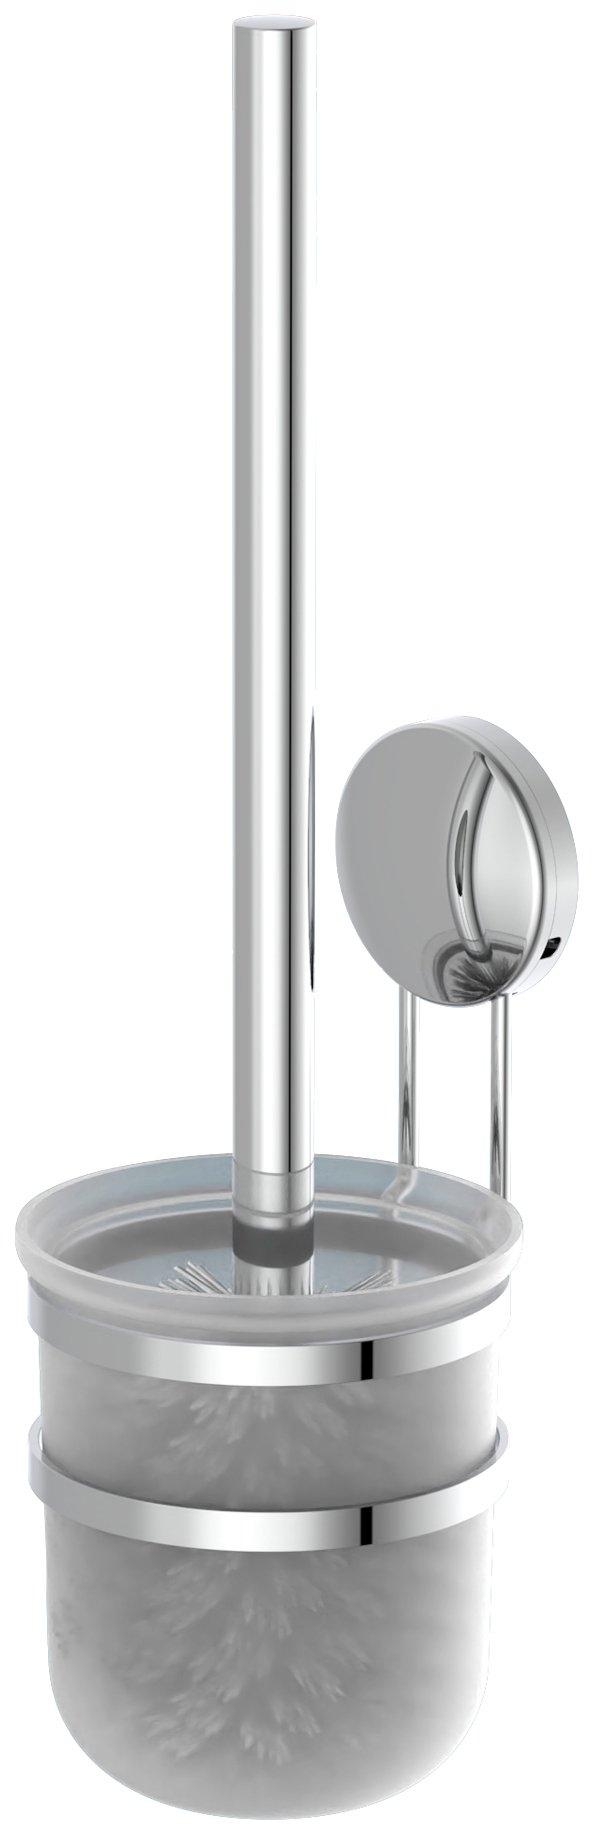 Eisl Toilet-schoonmaakborstel (1 stuk) goedkoop op otto.nl kopen